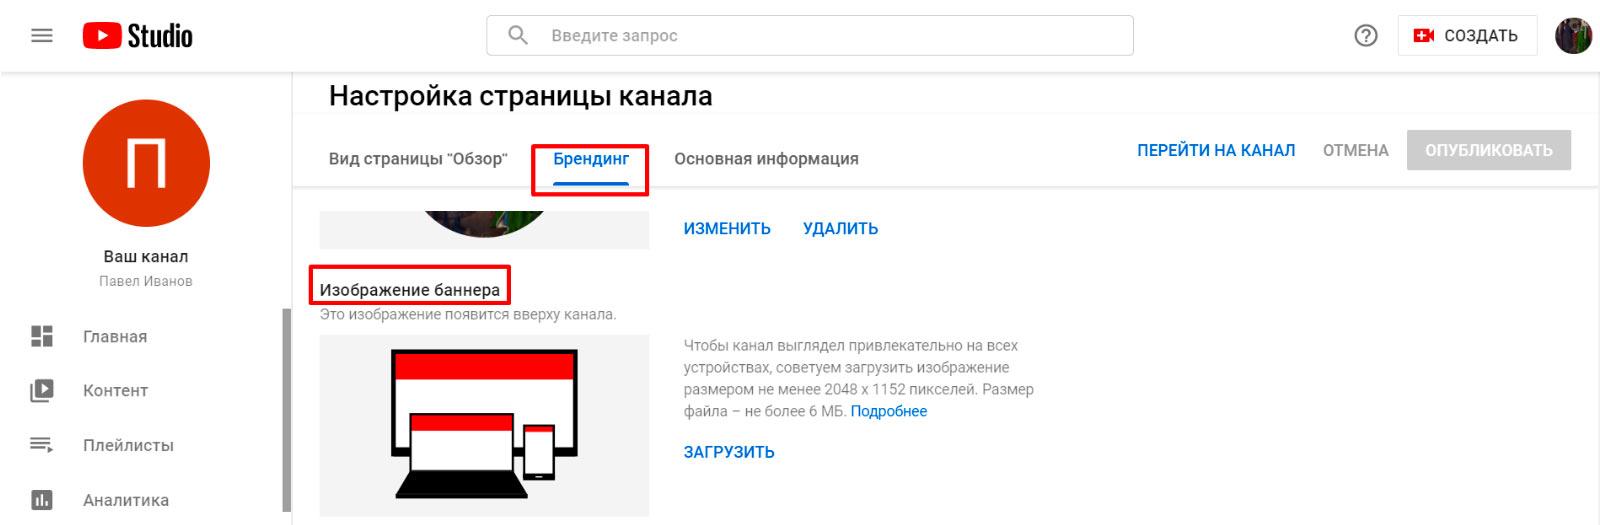 Как изменить шапку канала на YouTube